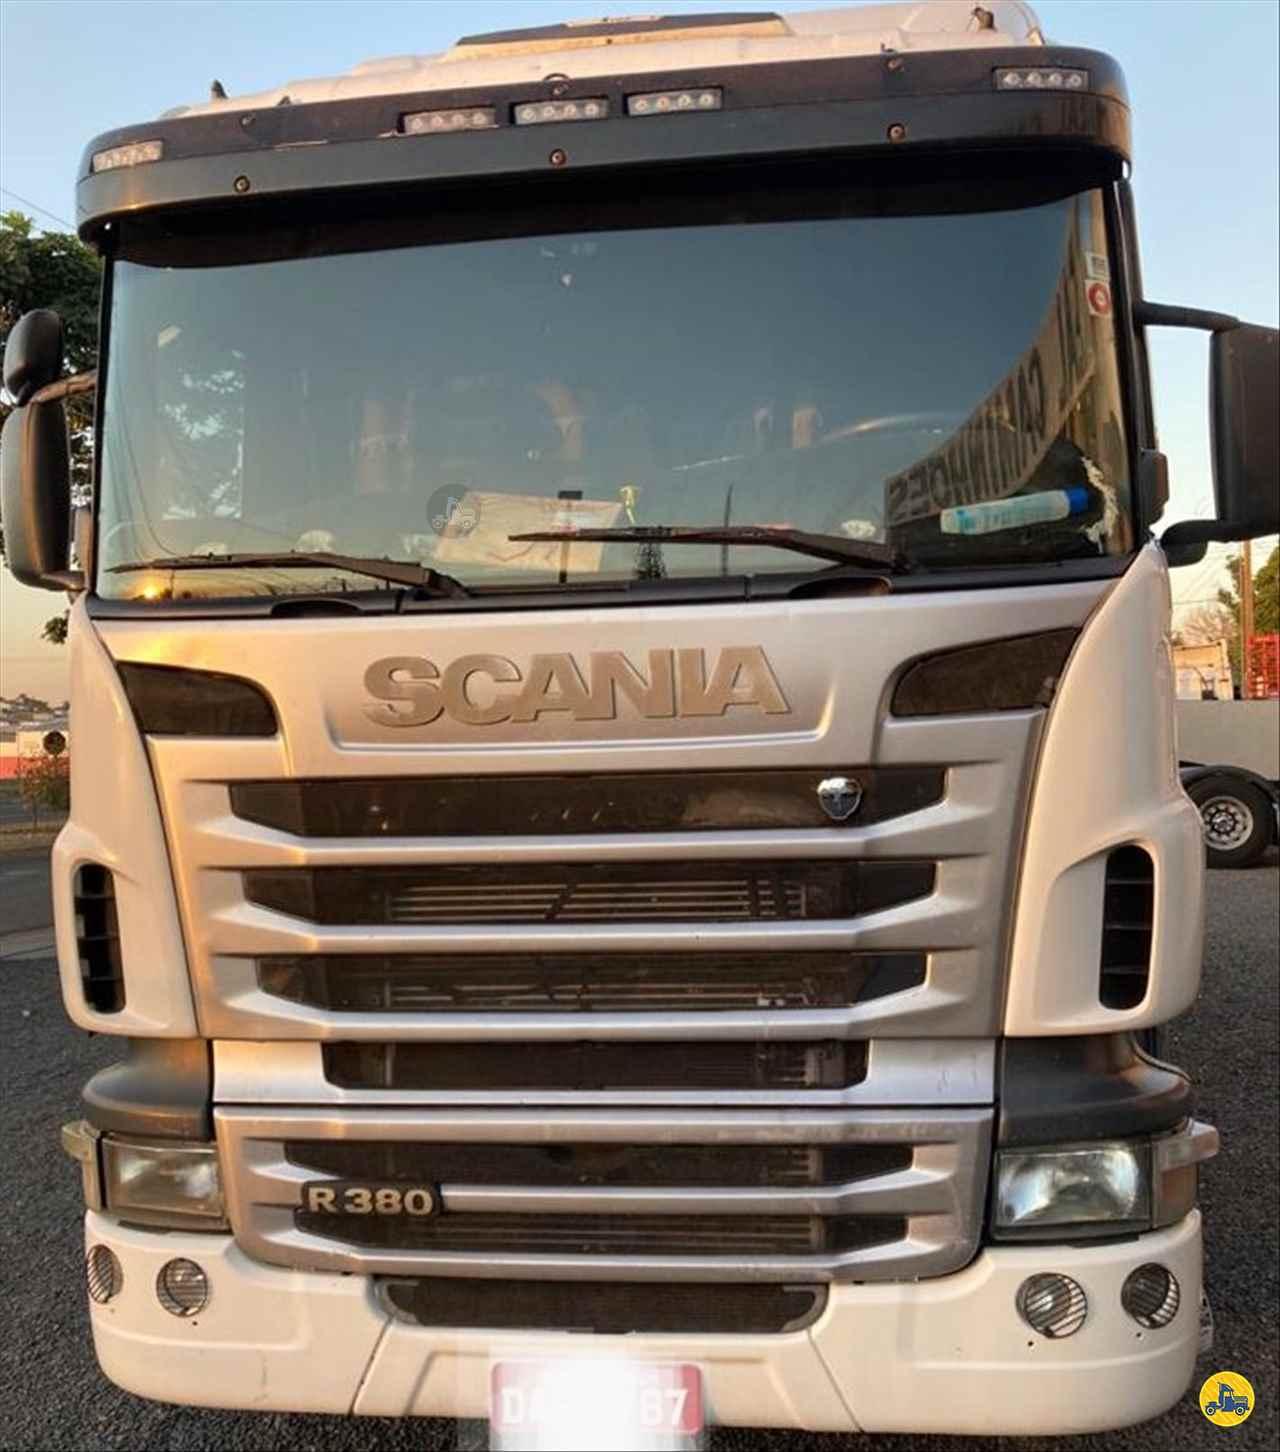 CAMINHAO SCANIA SCANIA 380 Cavalo Mecânico Truck 6x2 Barbosa Caminhões LINS SÃO PAULO SP